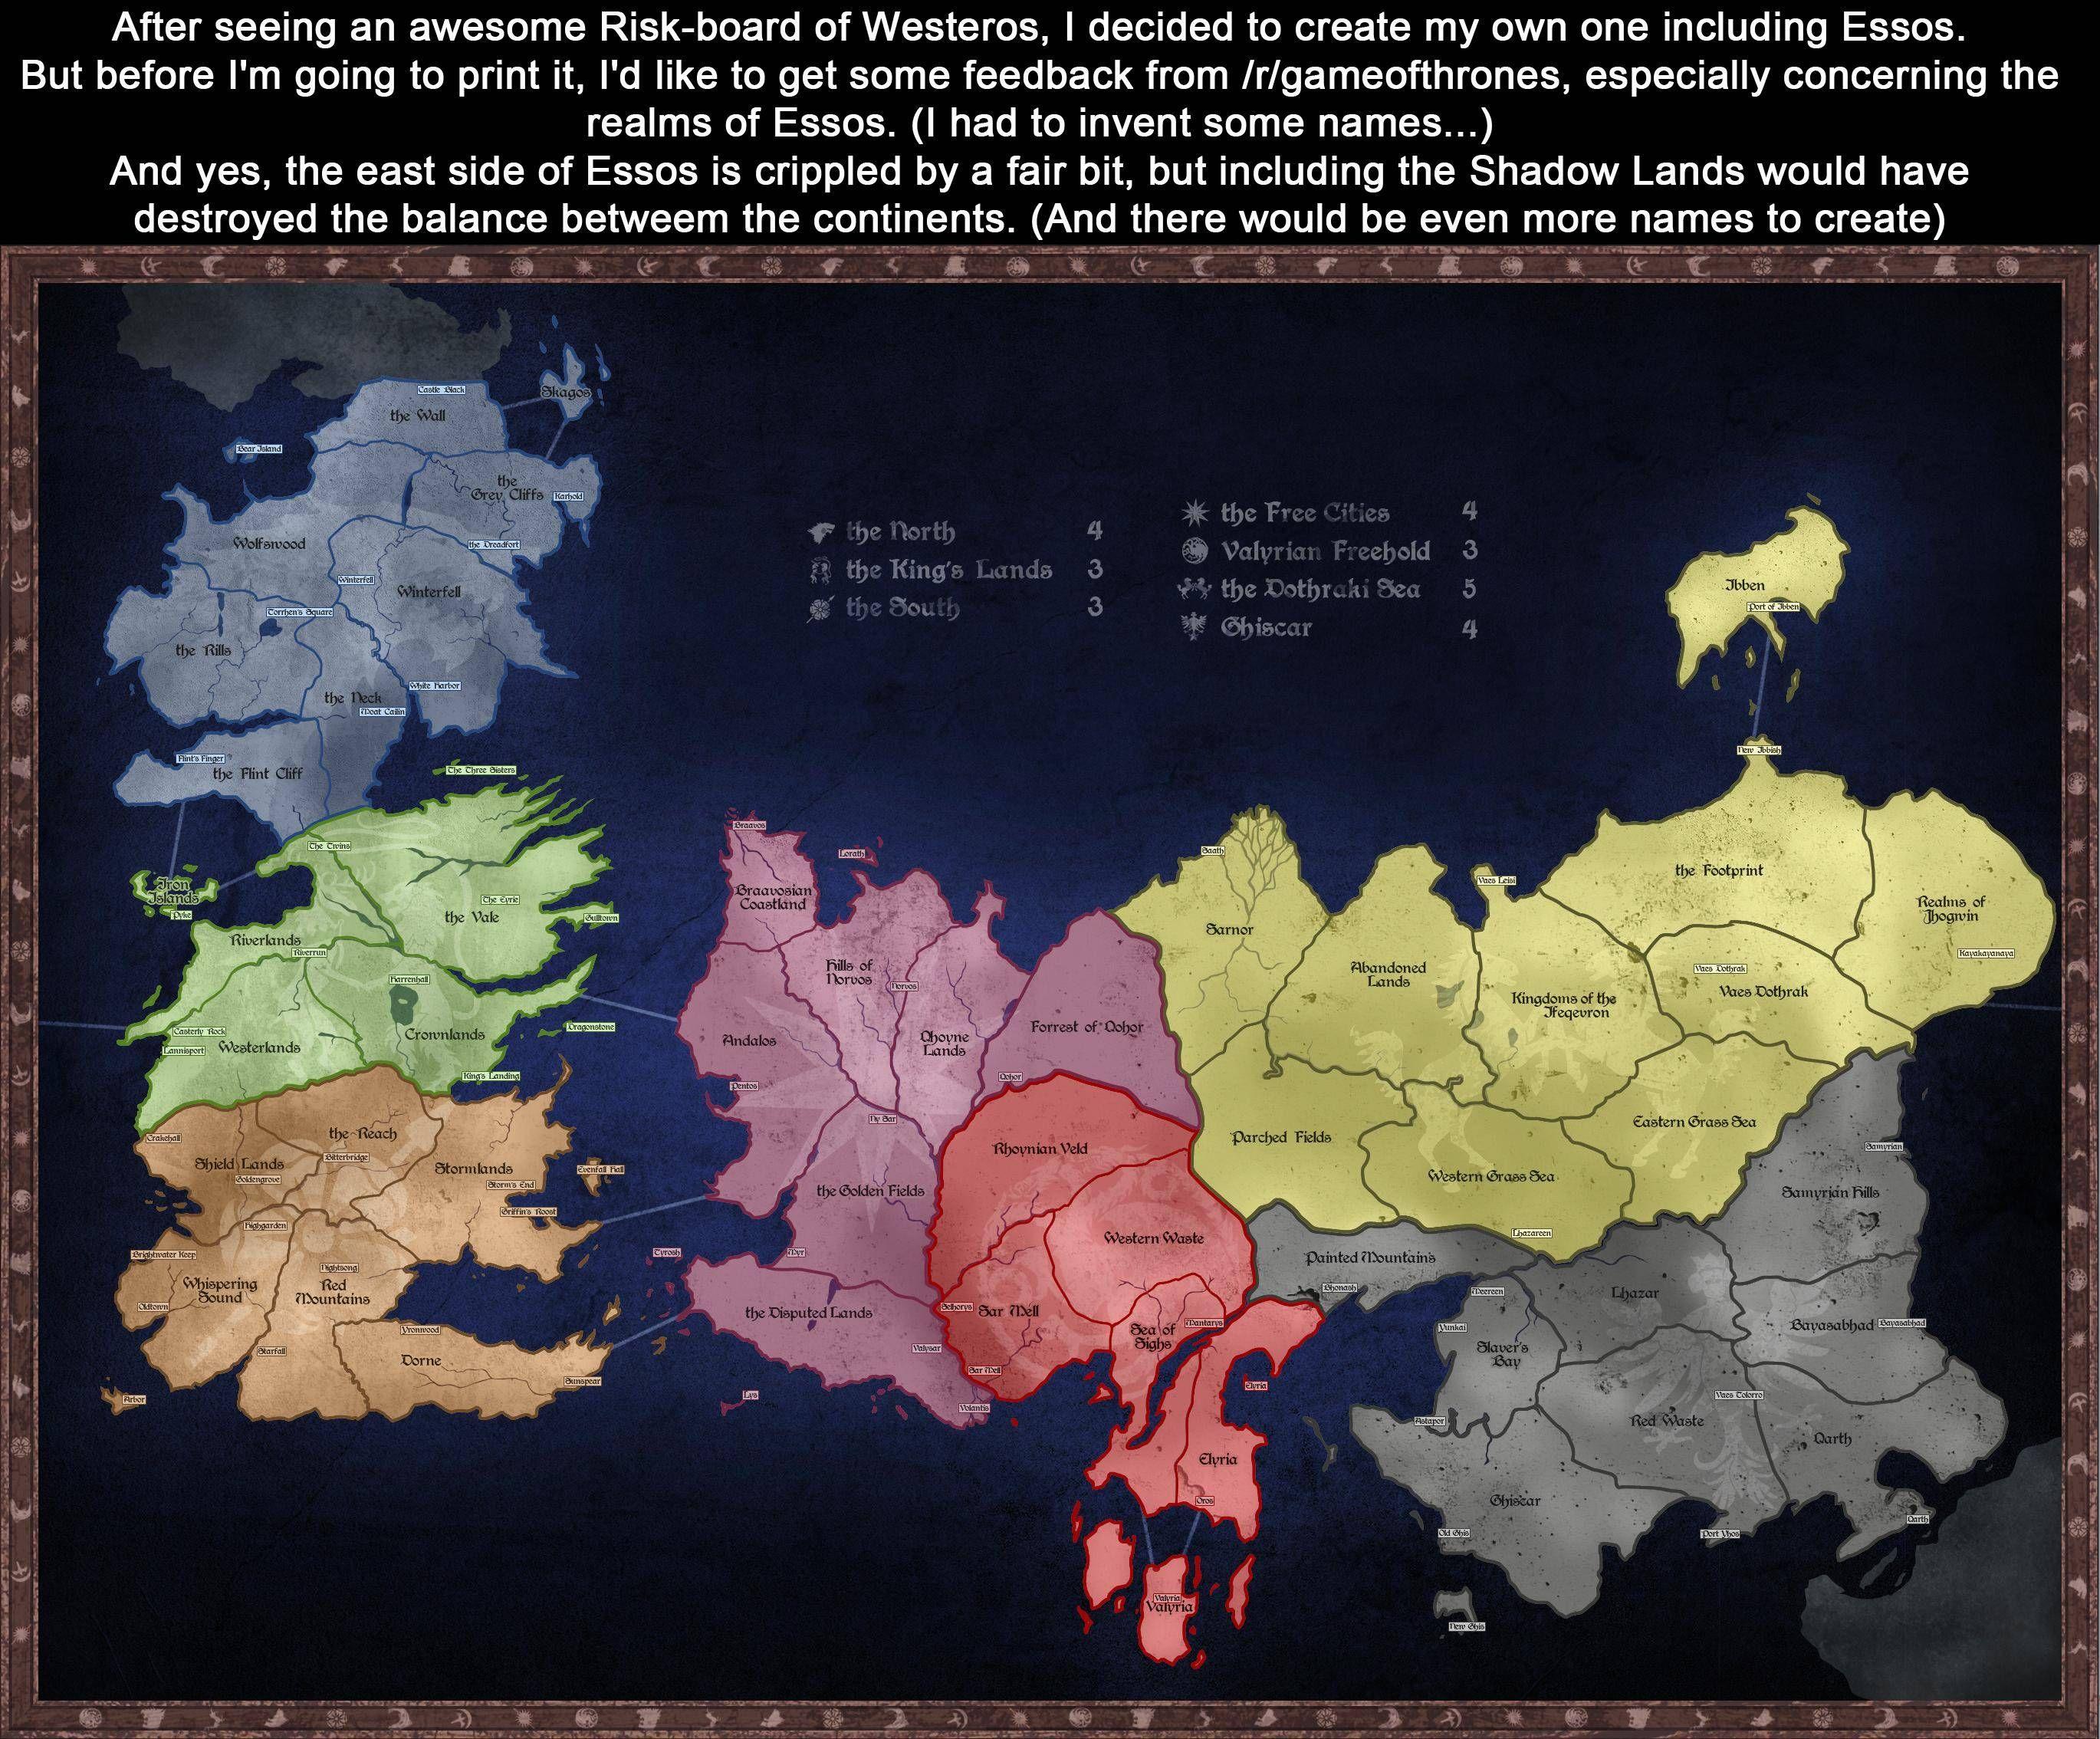 Karte Westeros Essos Deutsch.No Spoilers Risk Board Of Westeros And Essos Ekkor 2019 Trónok